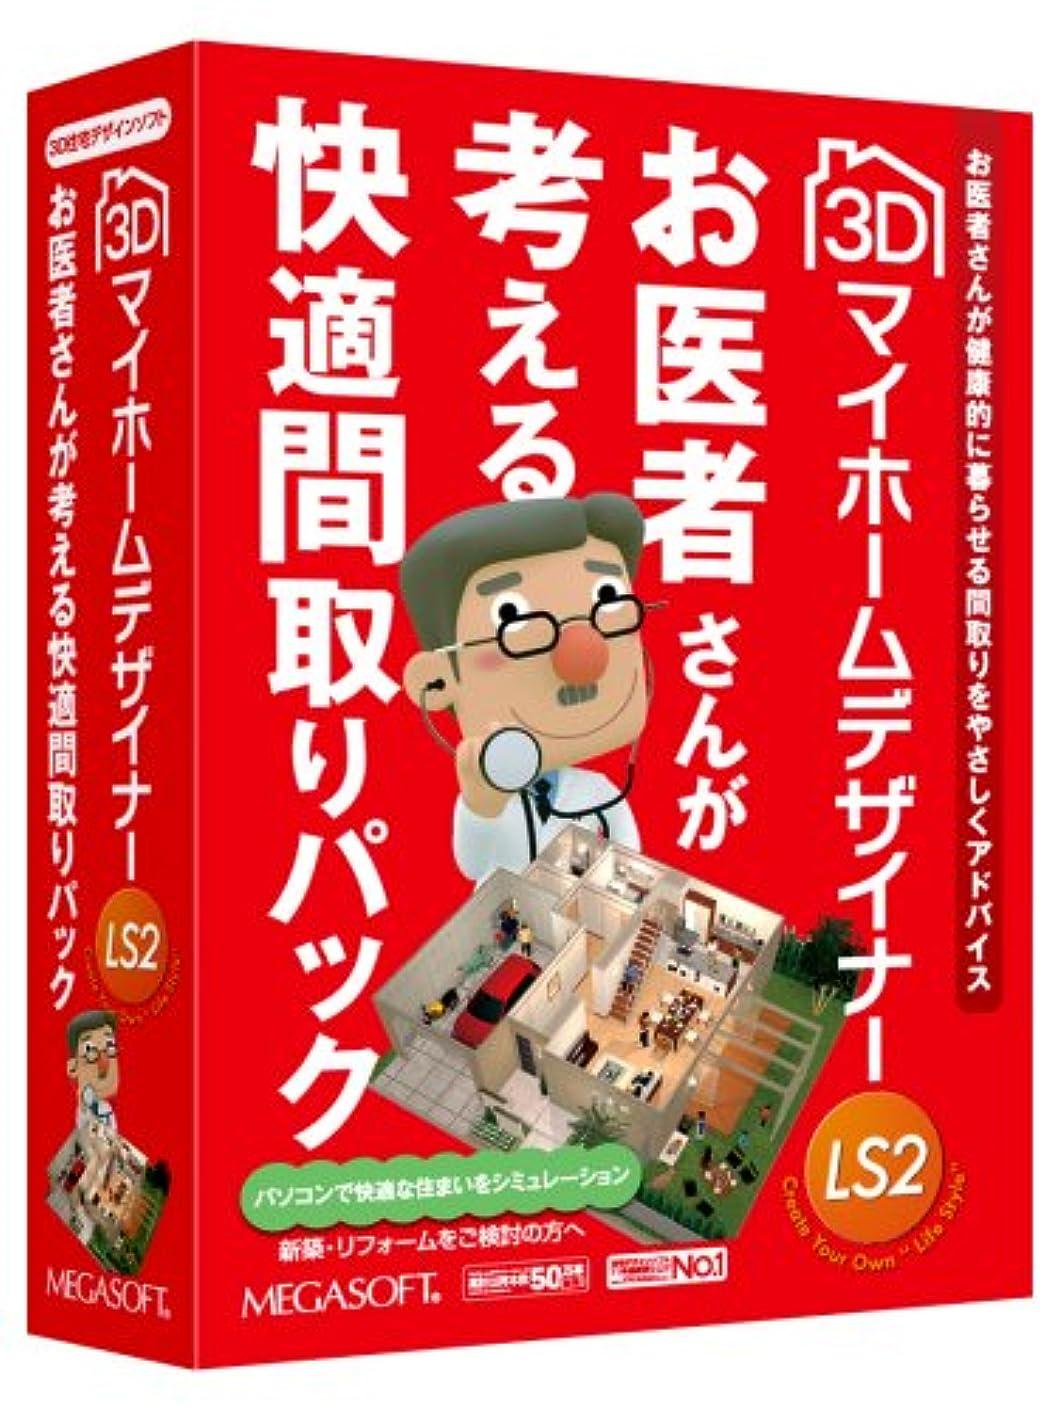 むしゃむしゃ損傷検閲3DマイホームデザイナーLS2 お医者さんが考える快適間取りパック